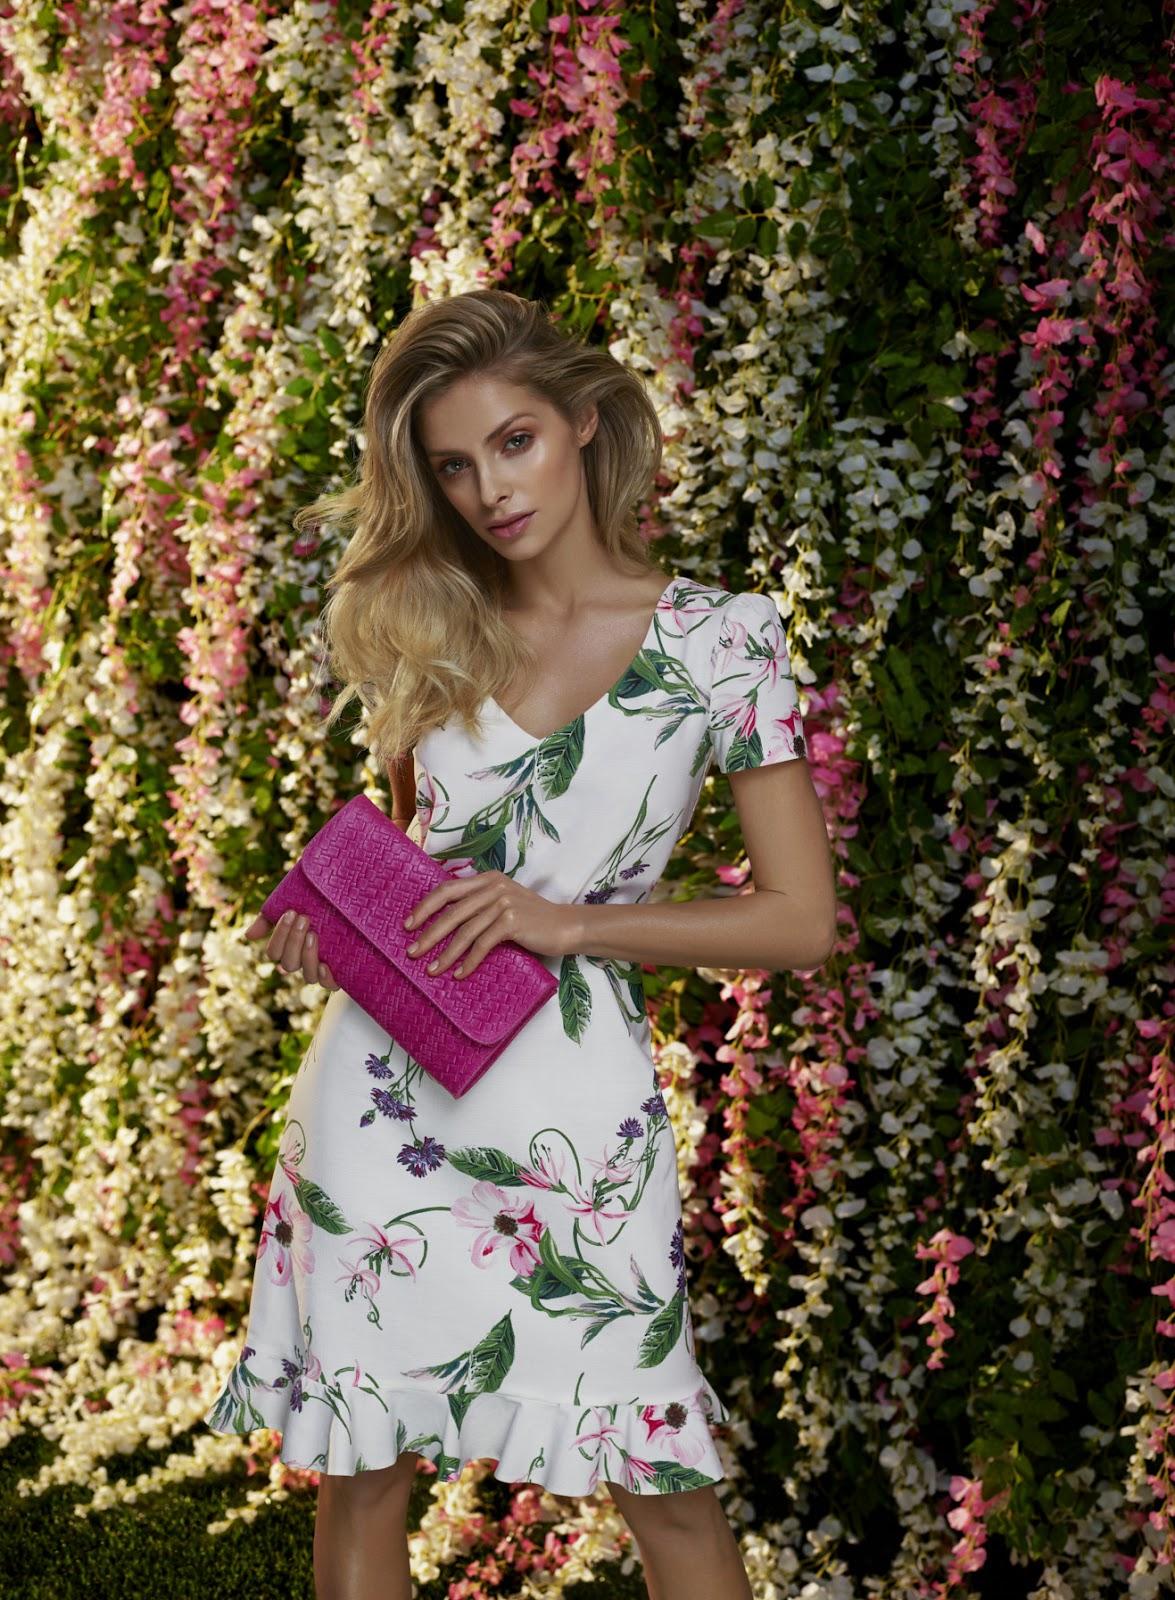 Wesele w stylu garden party – jak się ubrać? Kobinezon a może sukienka w kwiaty?